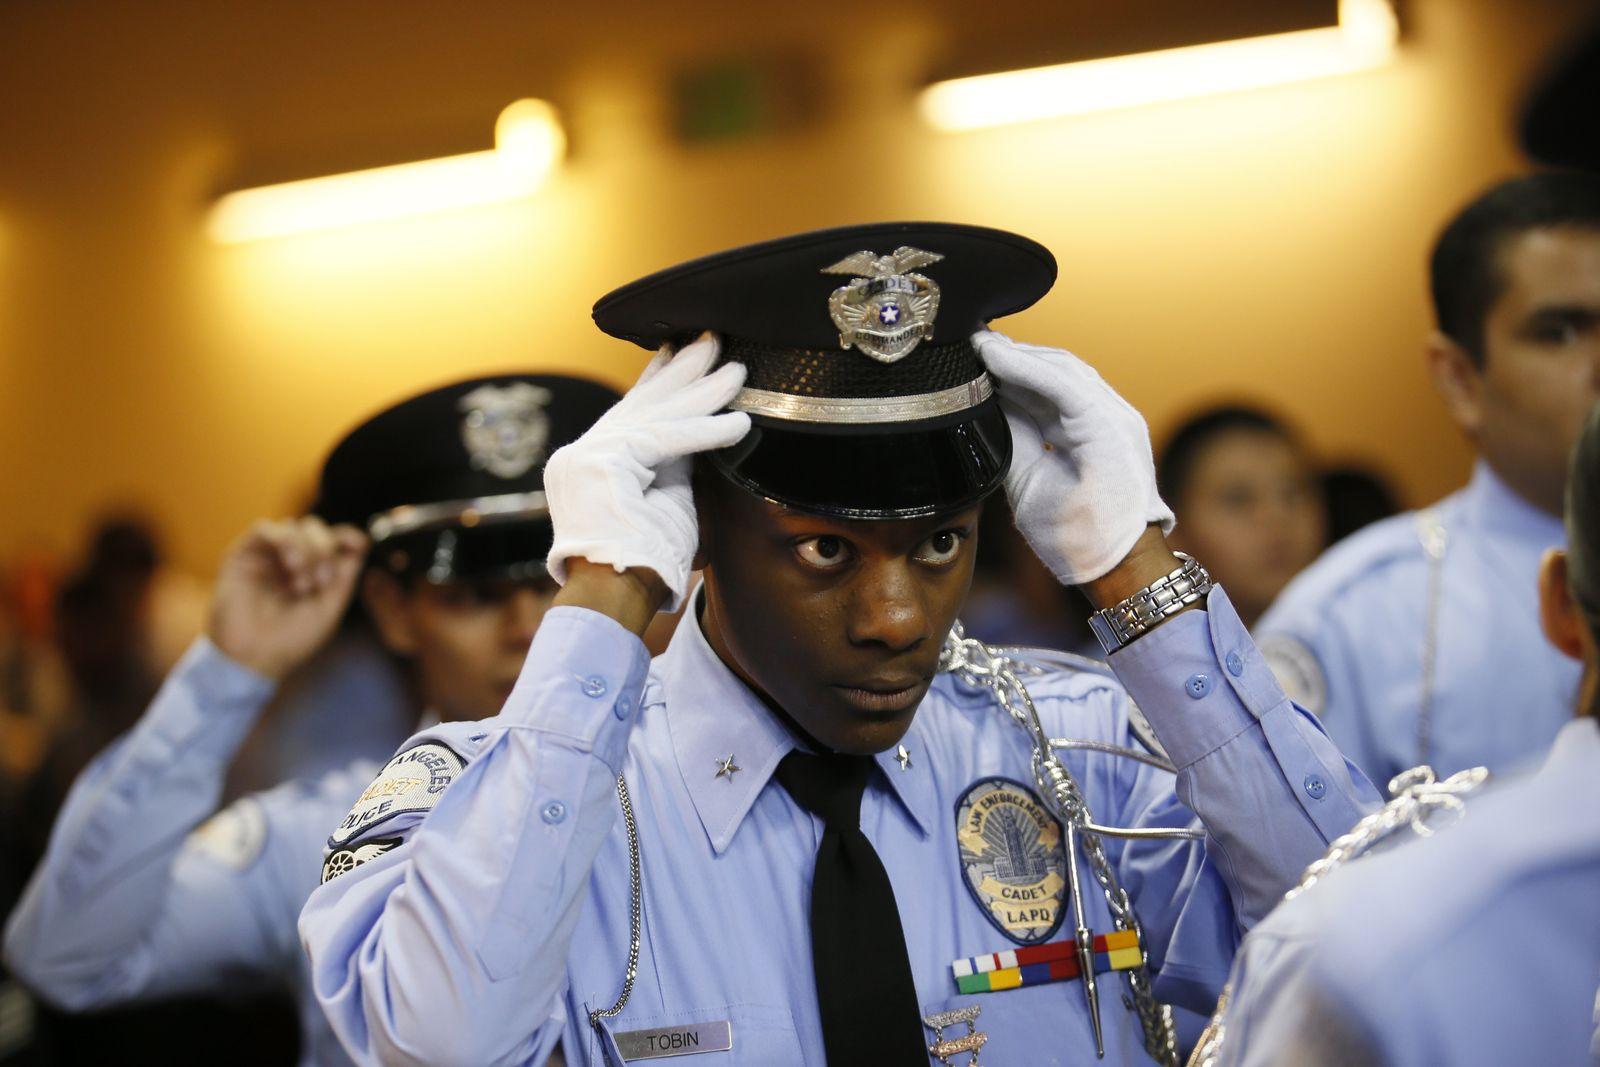 USA/ Polizeigewalt/ Vorbild LAPD